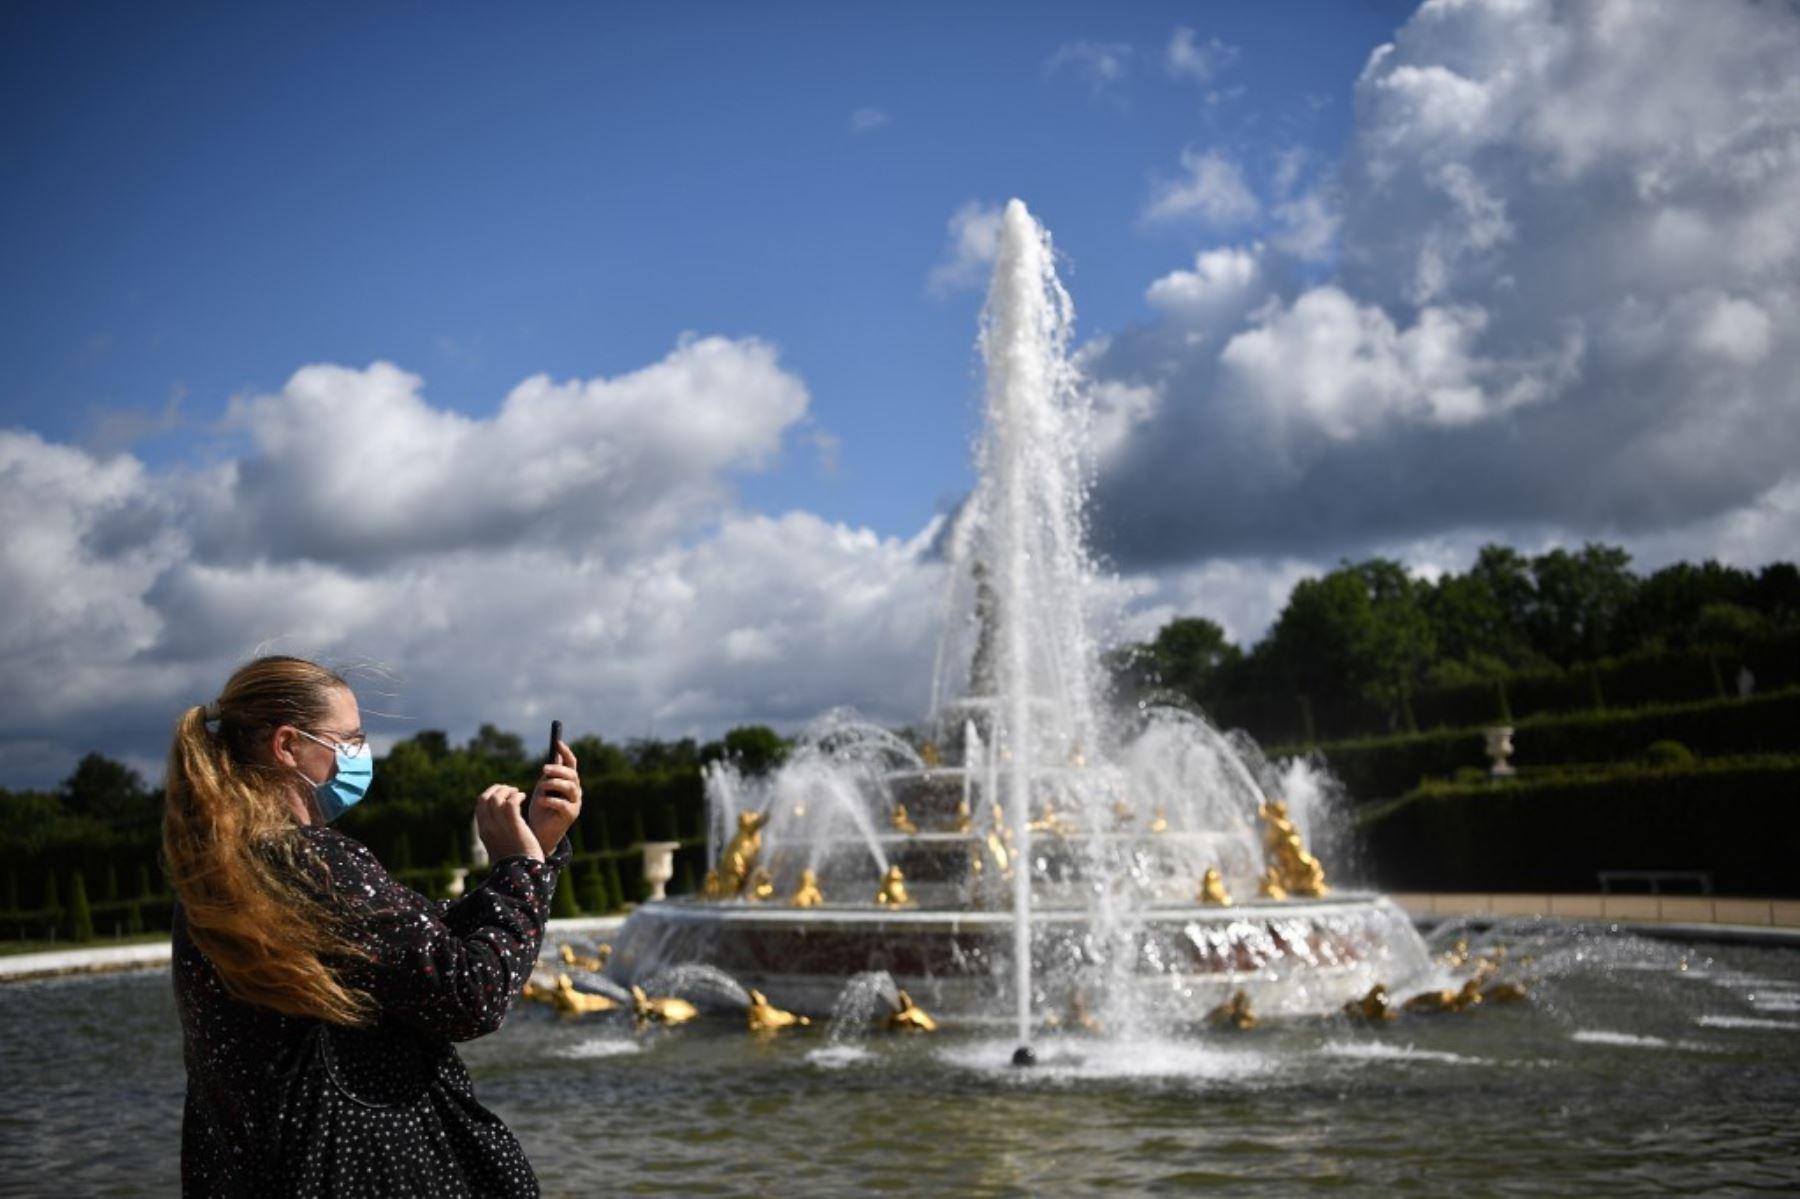 Una mujer usa un teléfono celular mientras visita el parque del histórico castillo francés de Versalles. Foto: AFP